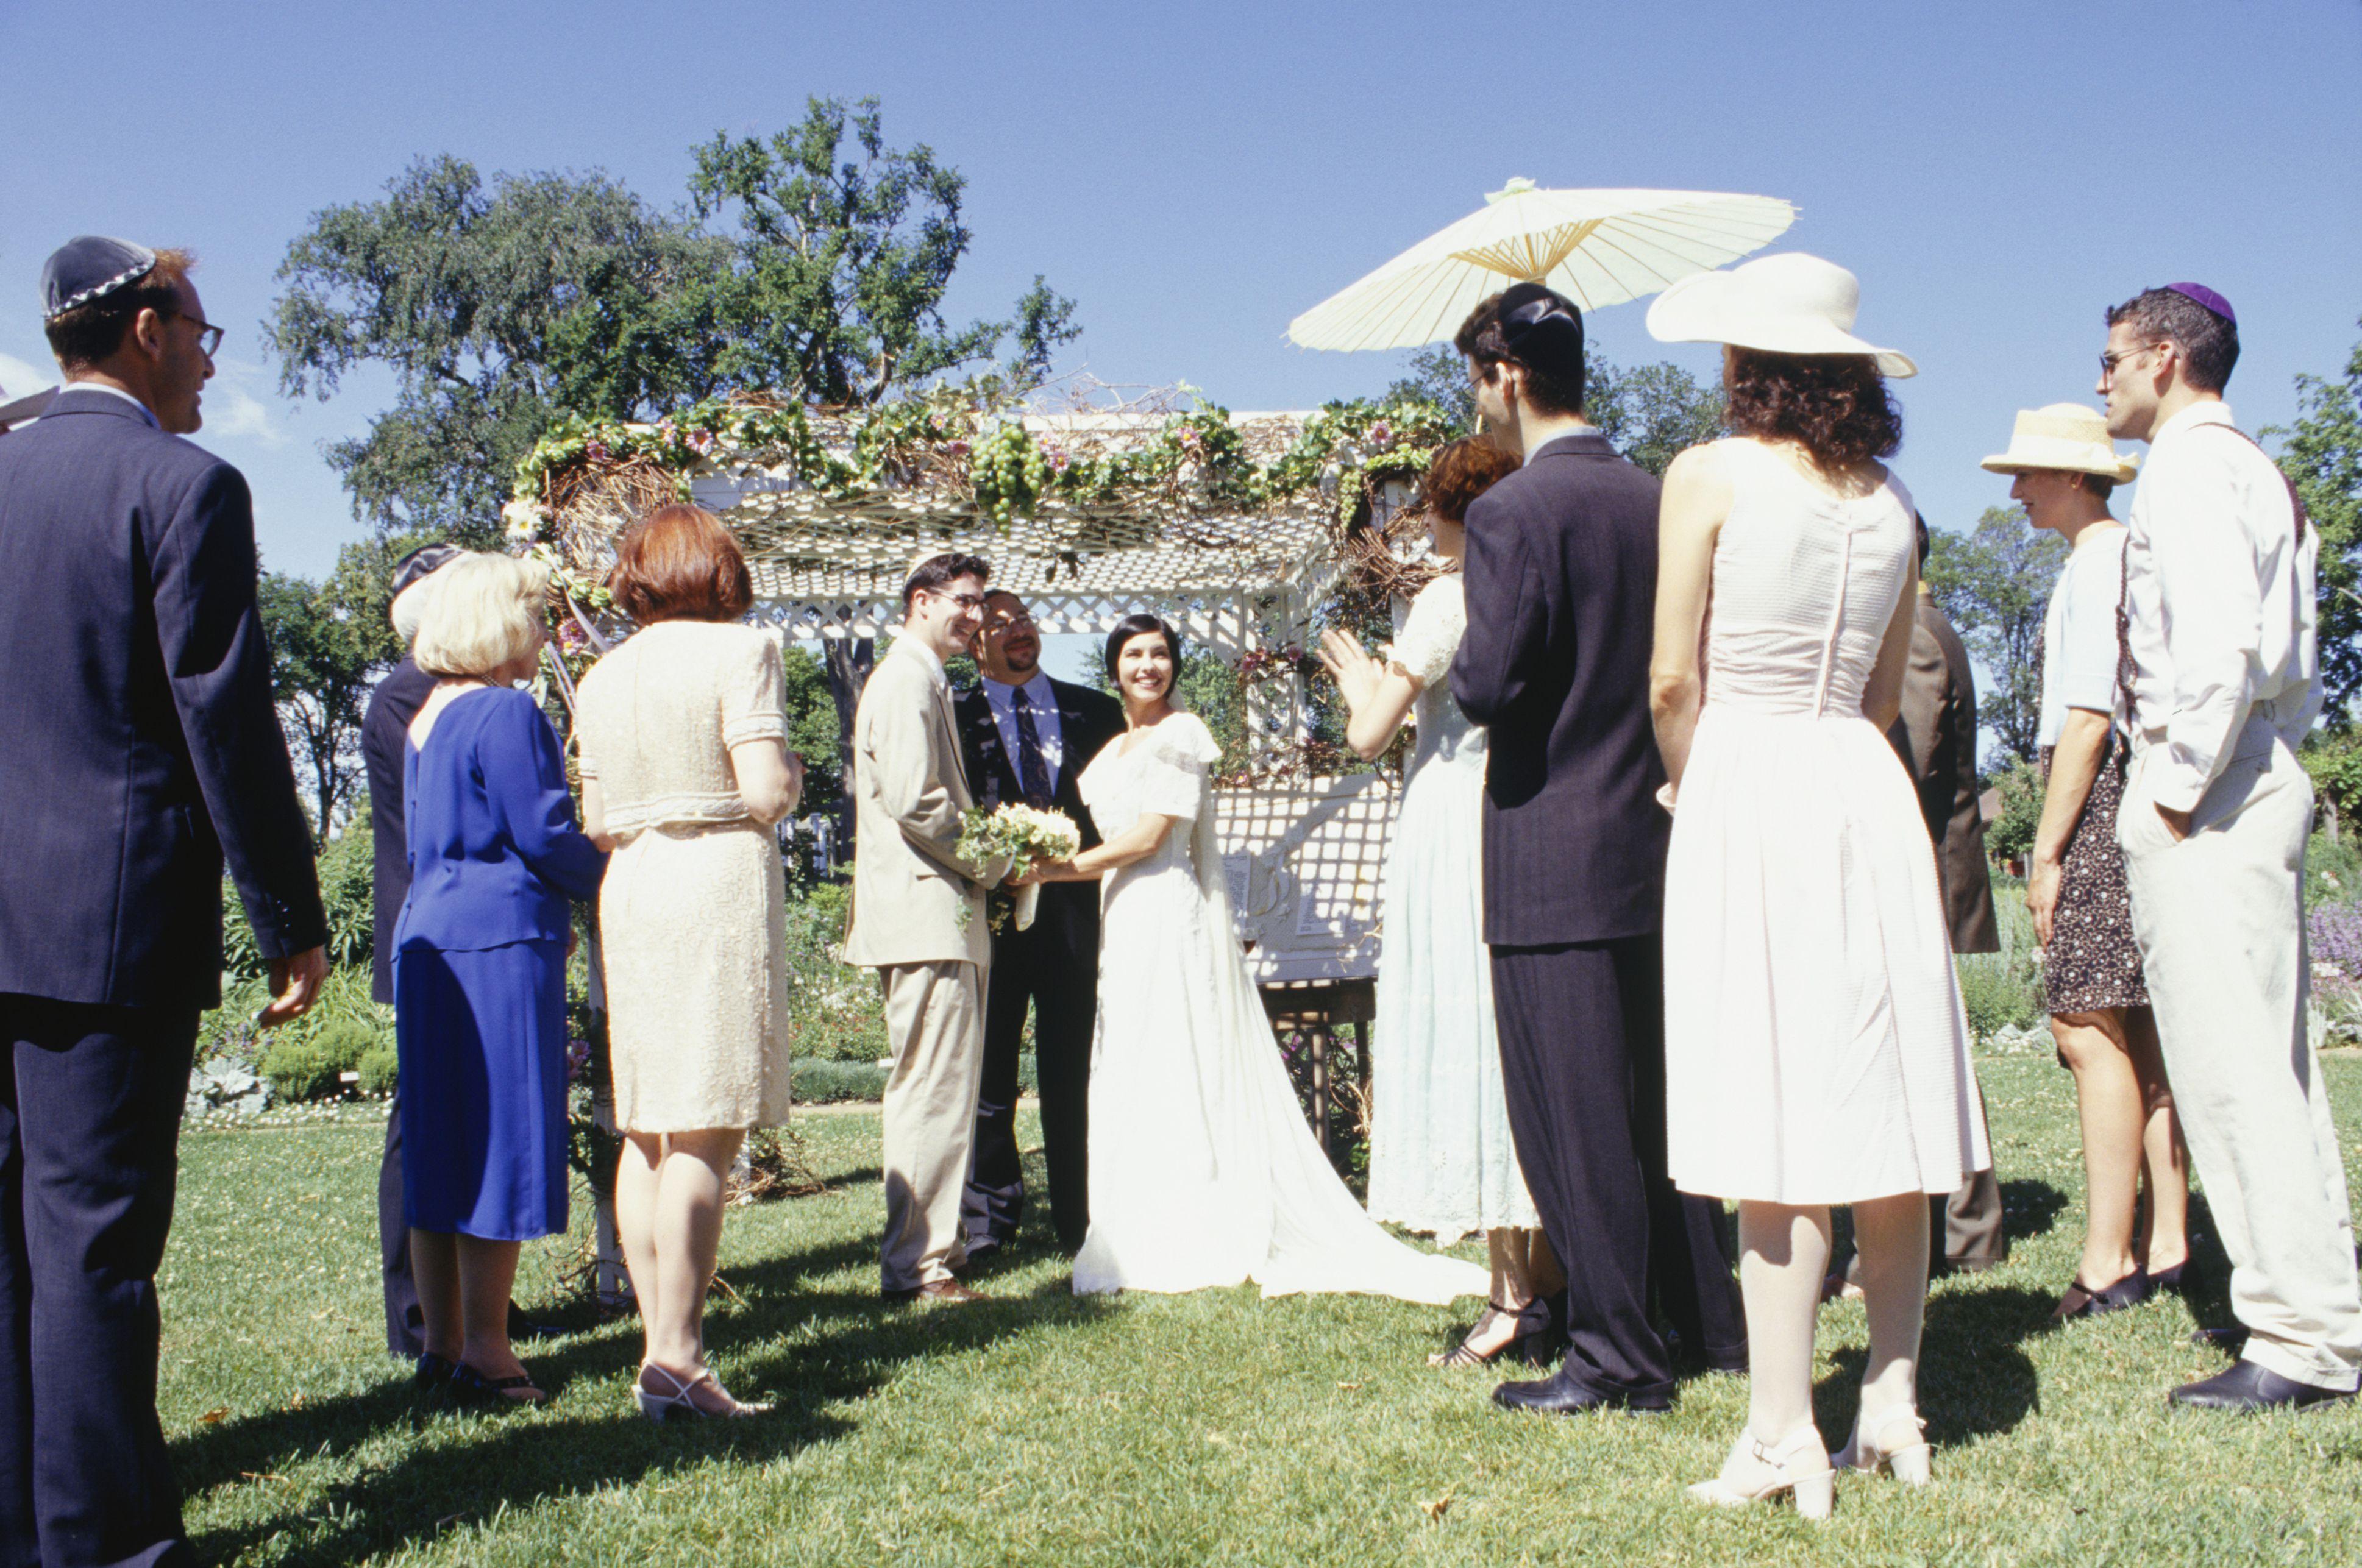 Bendiciones Del Matrimonio Catolico : Bendiciones judías para celebrar un matrimonio judío